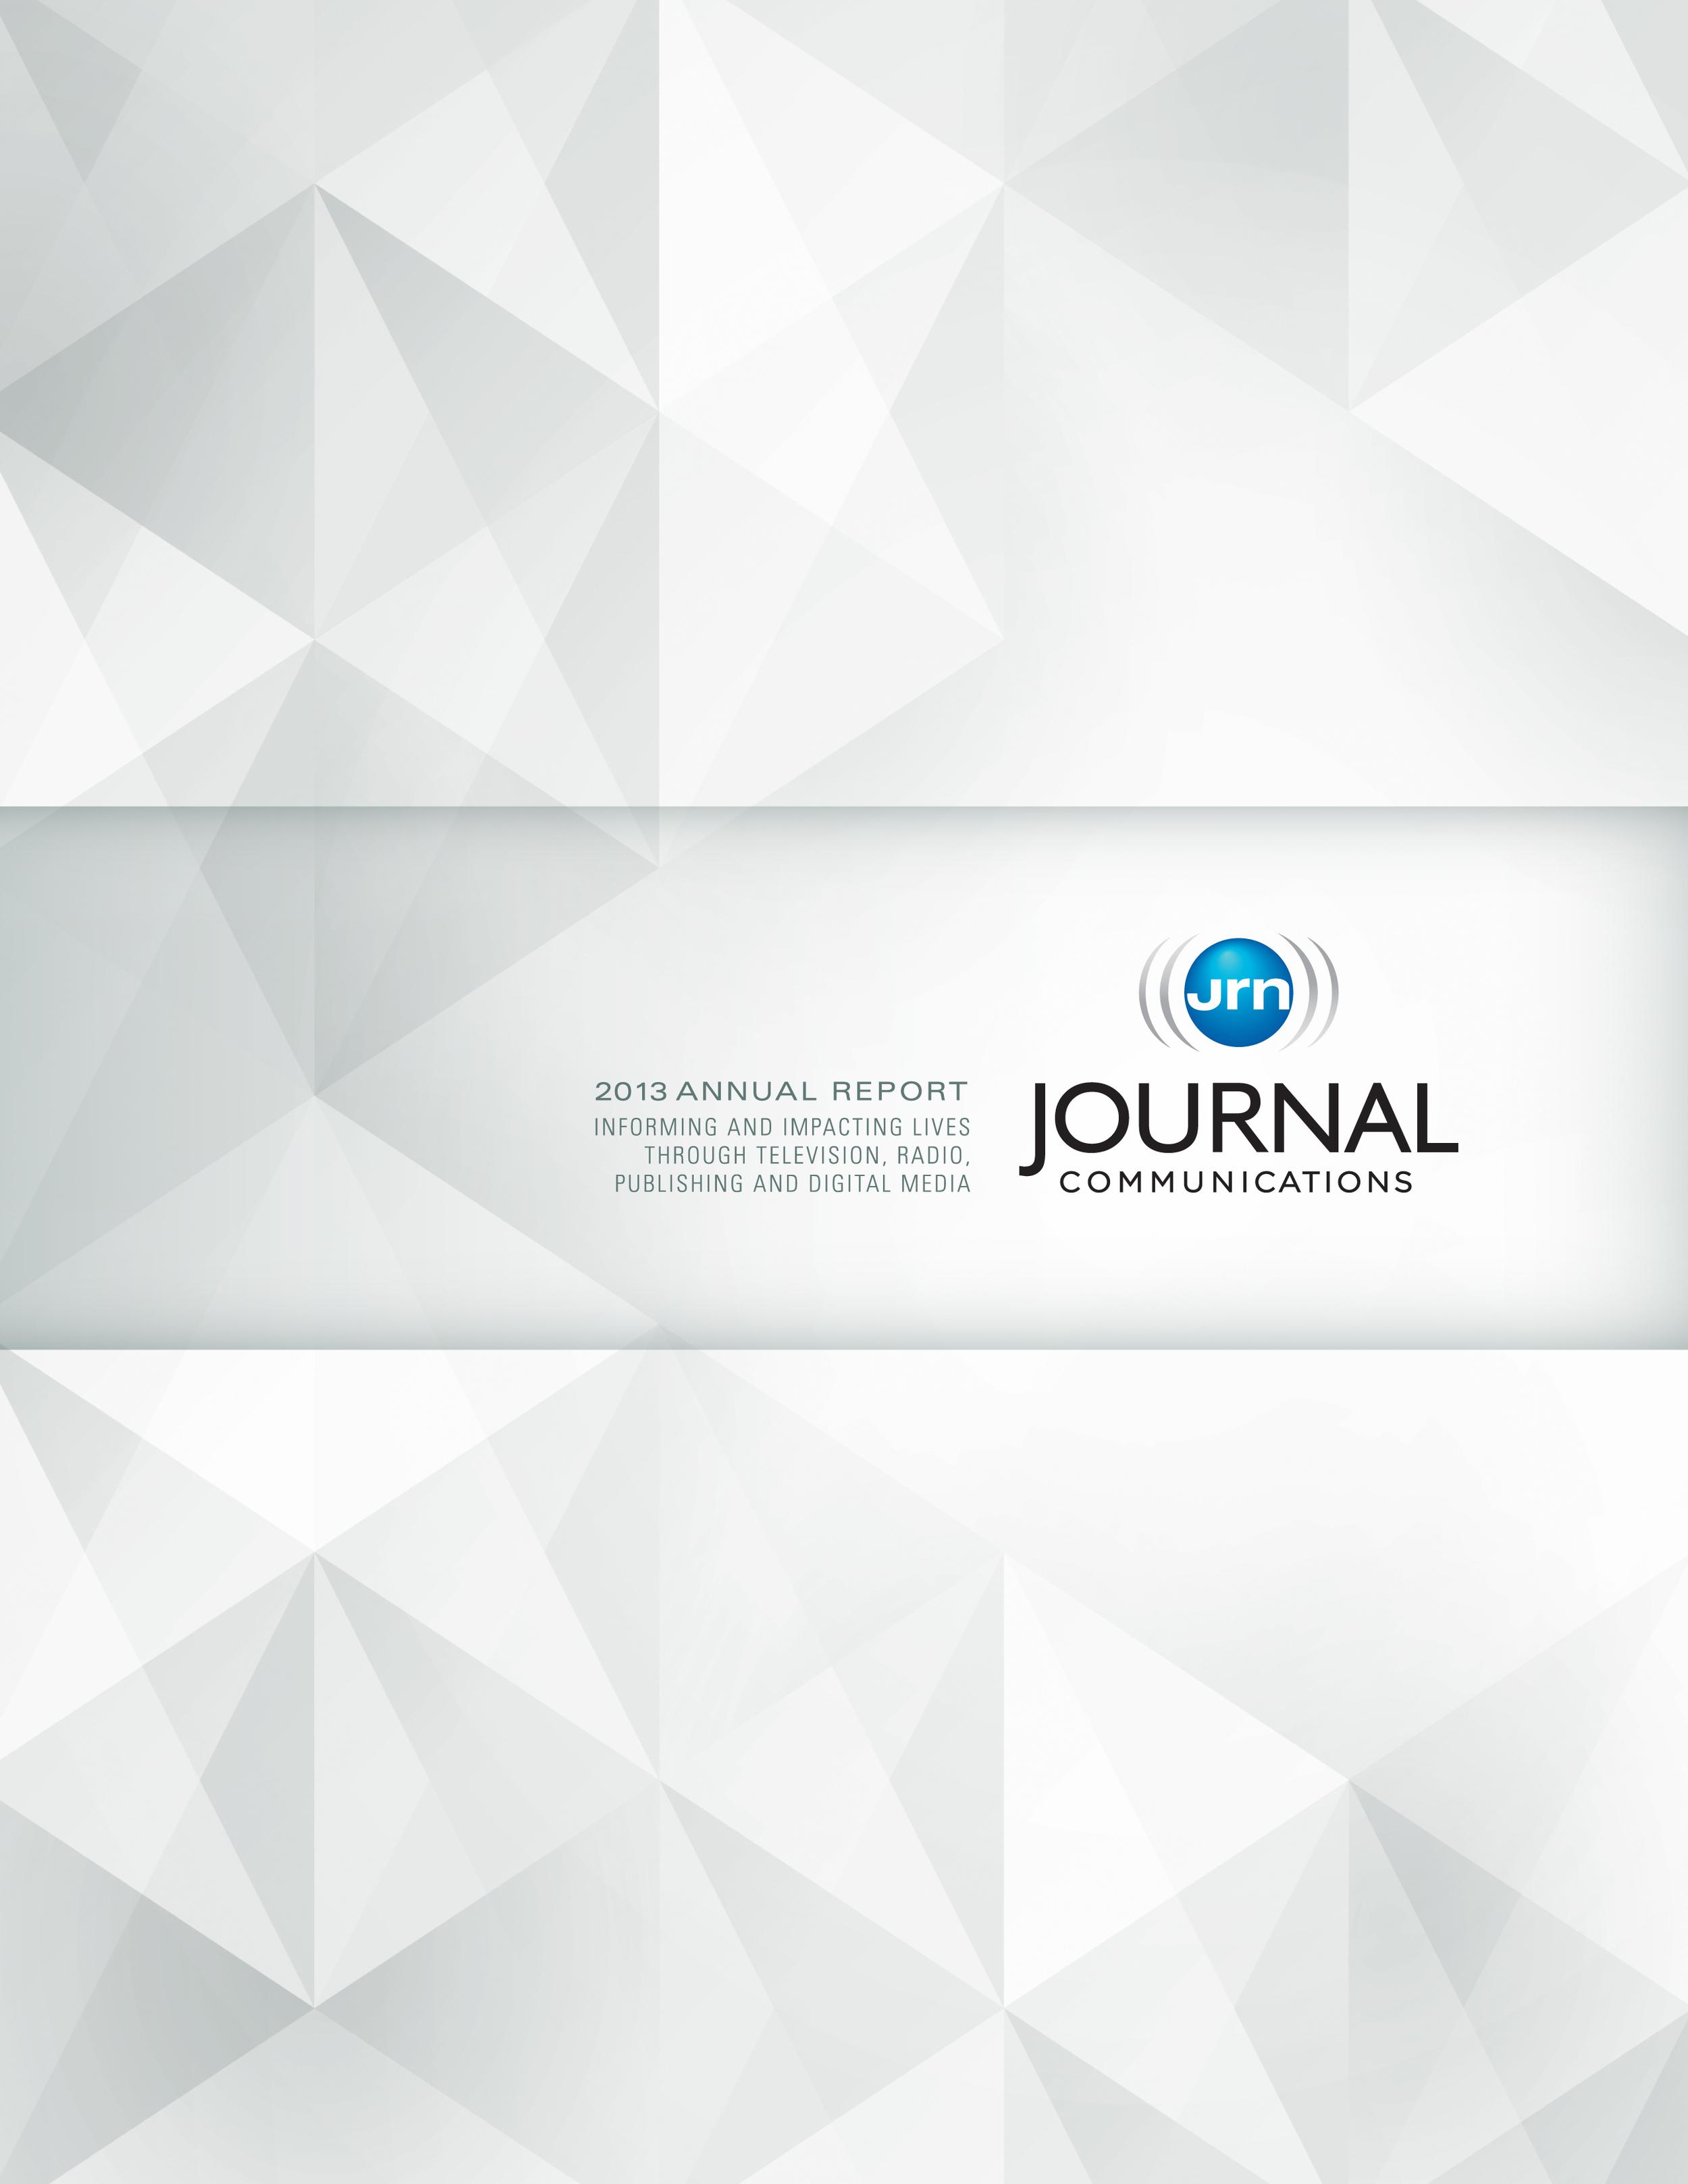 23175_JRN_2013_anual_report_cover.jpg